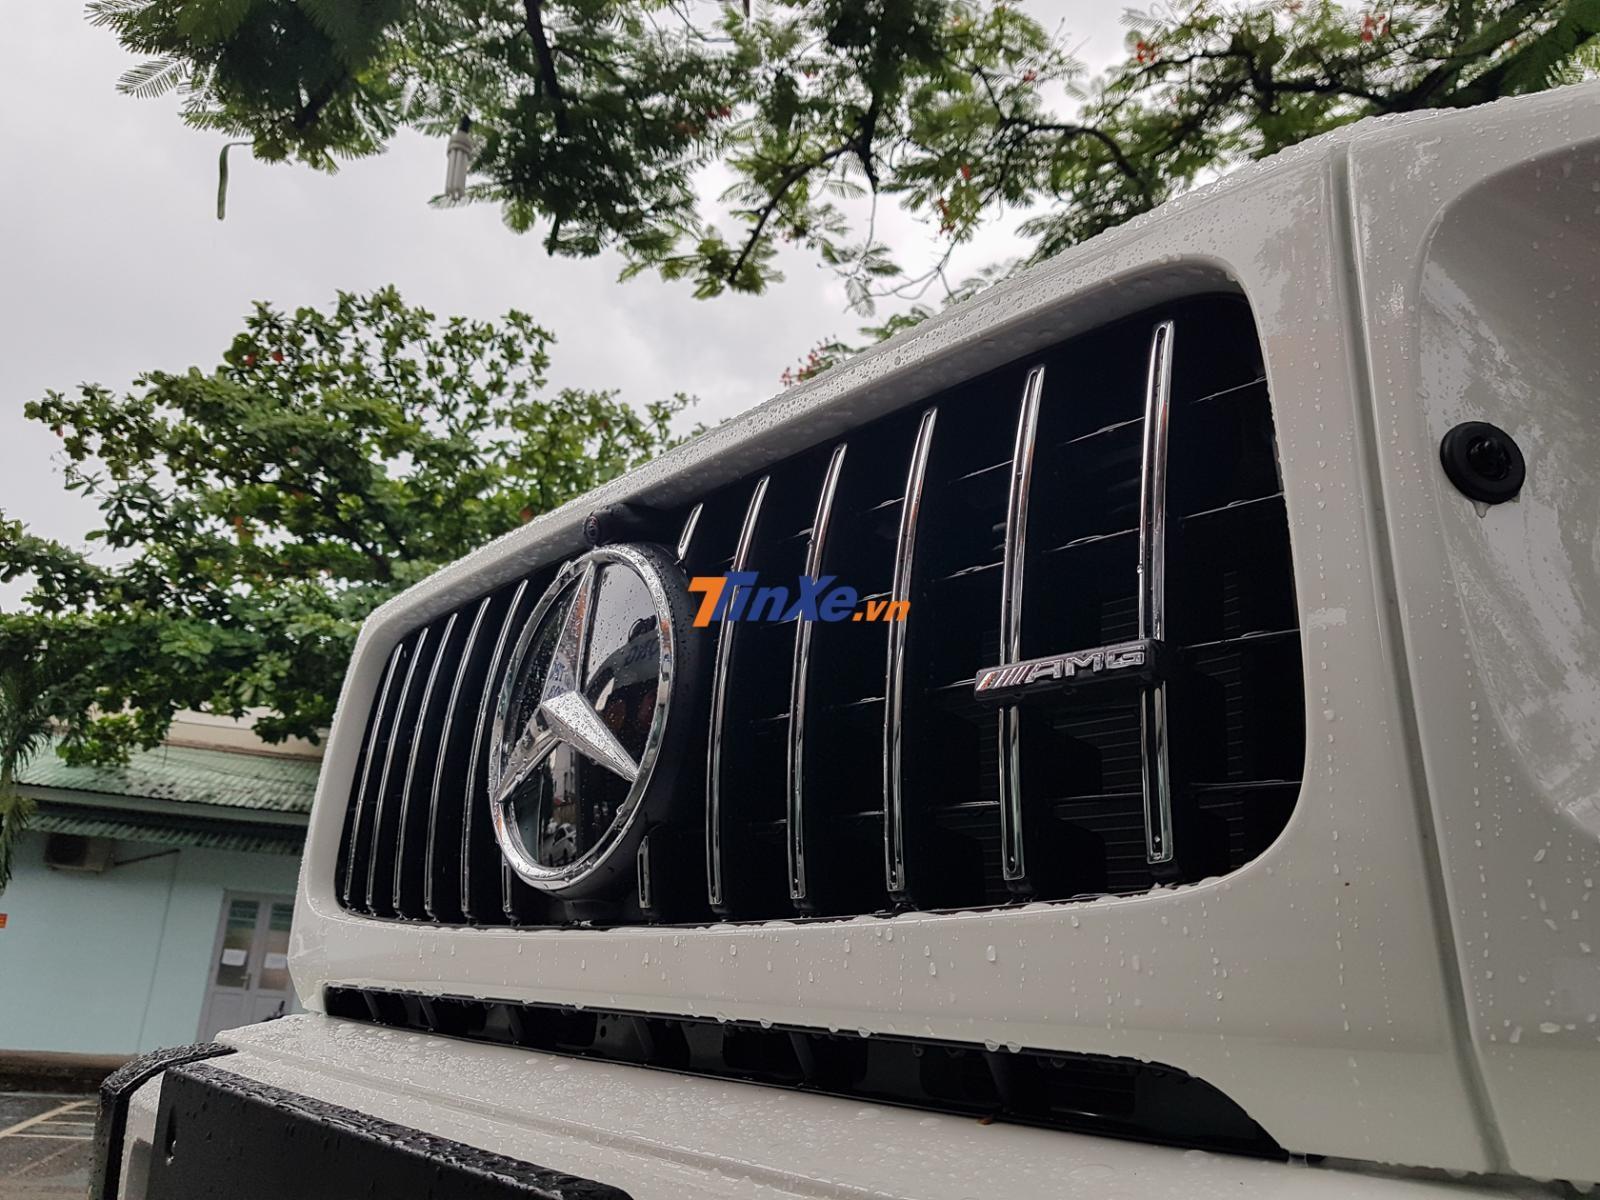 Lưới tản nhiệt nan dọc hoàn toàn mới của Mercedes-AMG G63 Edition 1 có tích hợp logo AMG bên hông